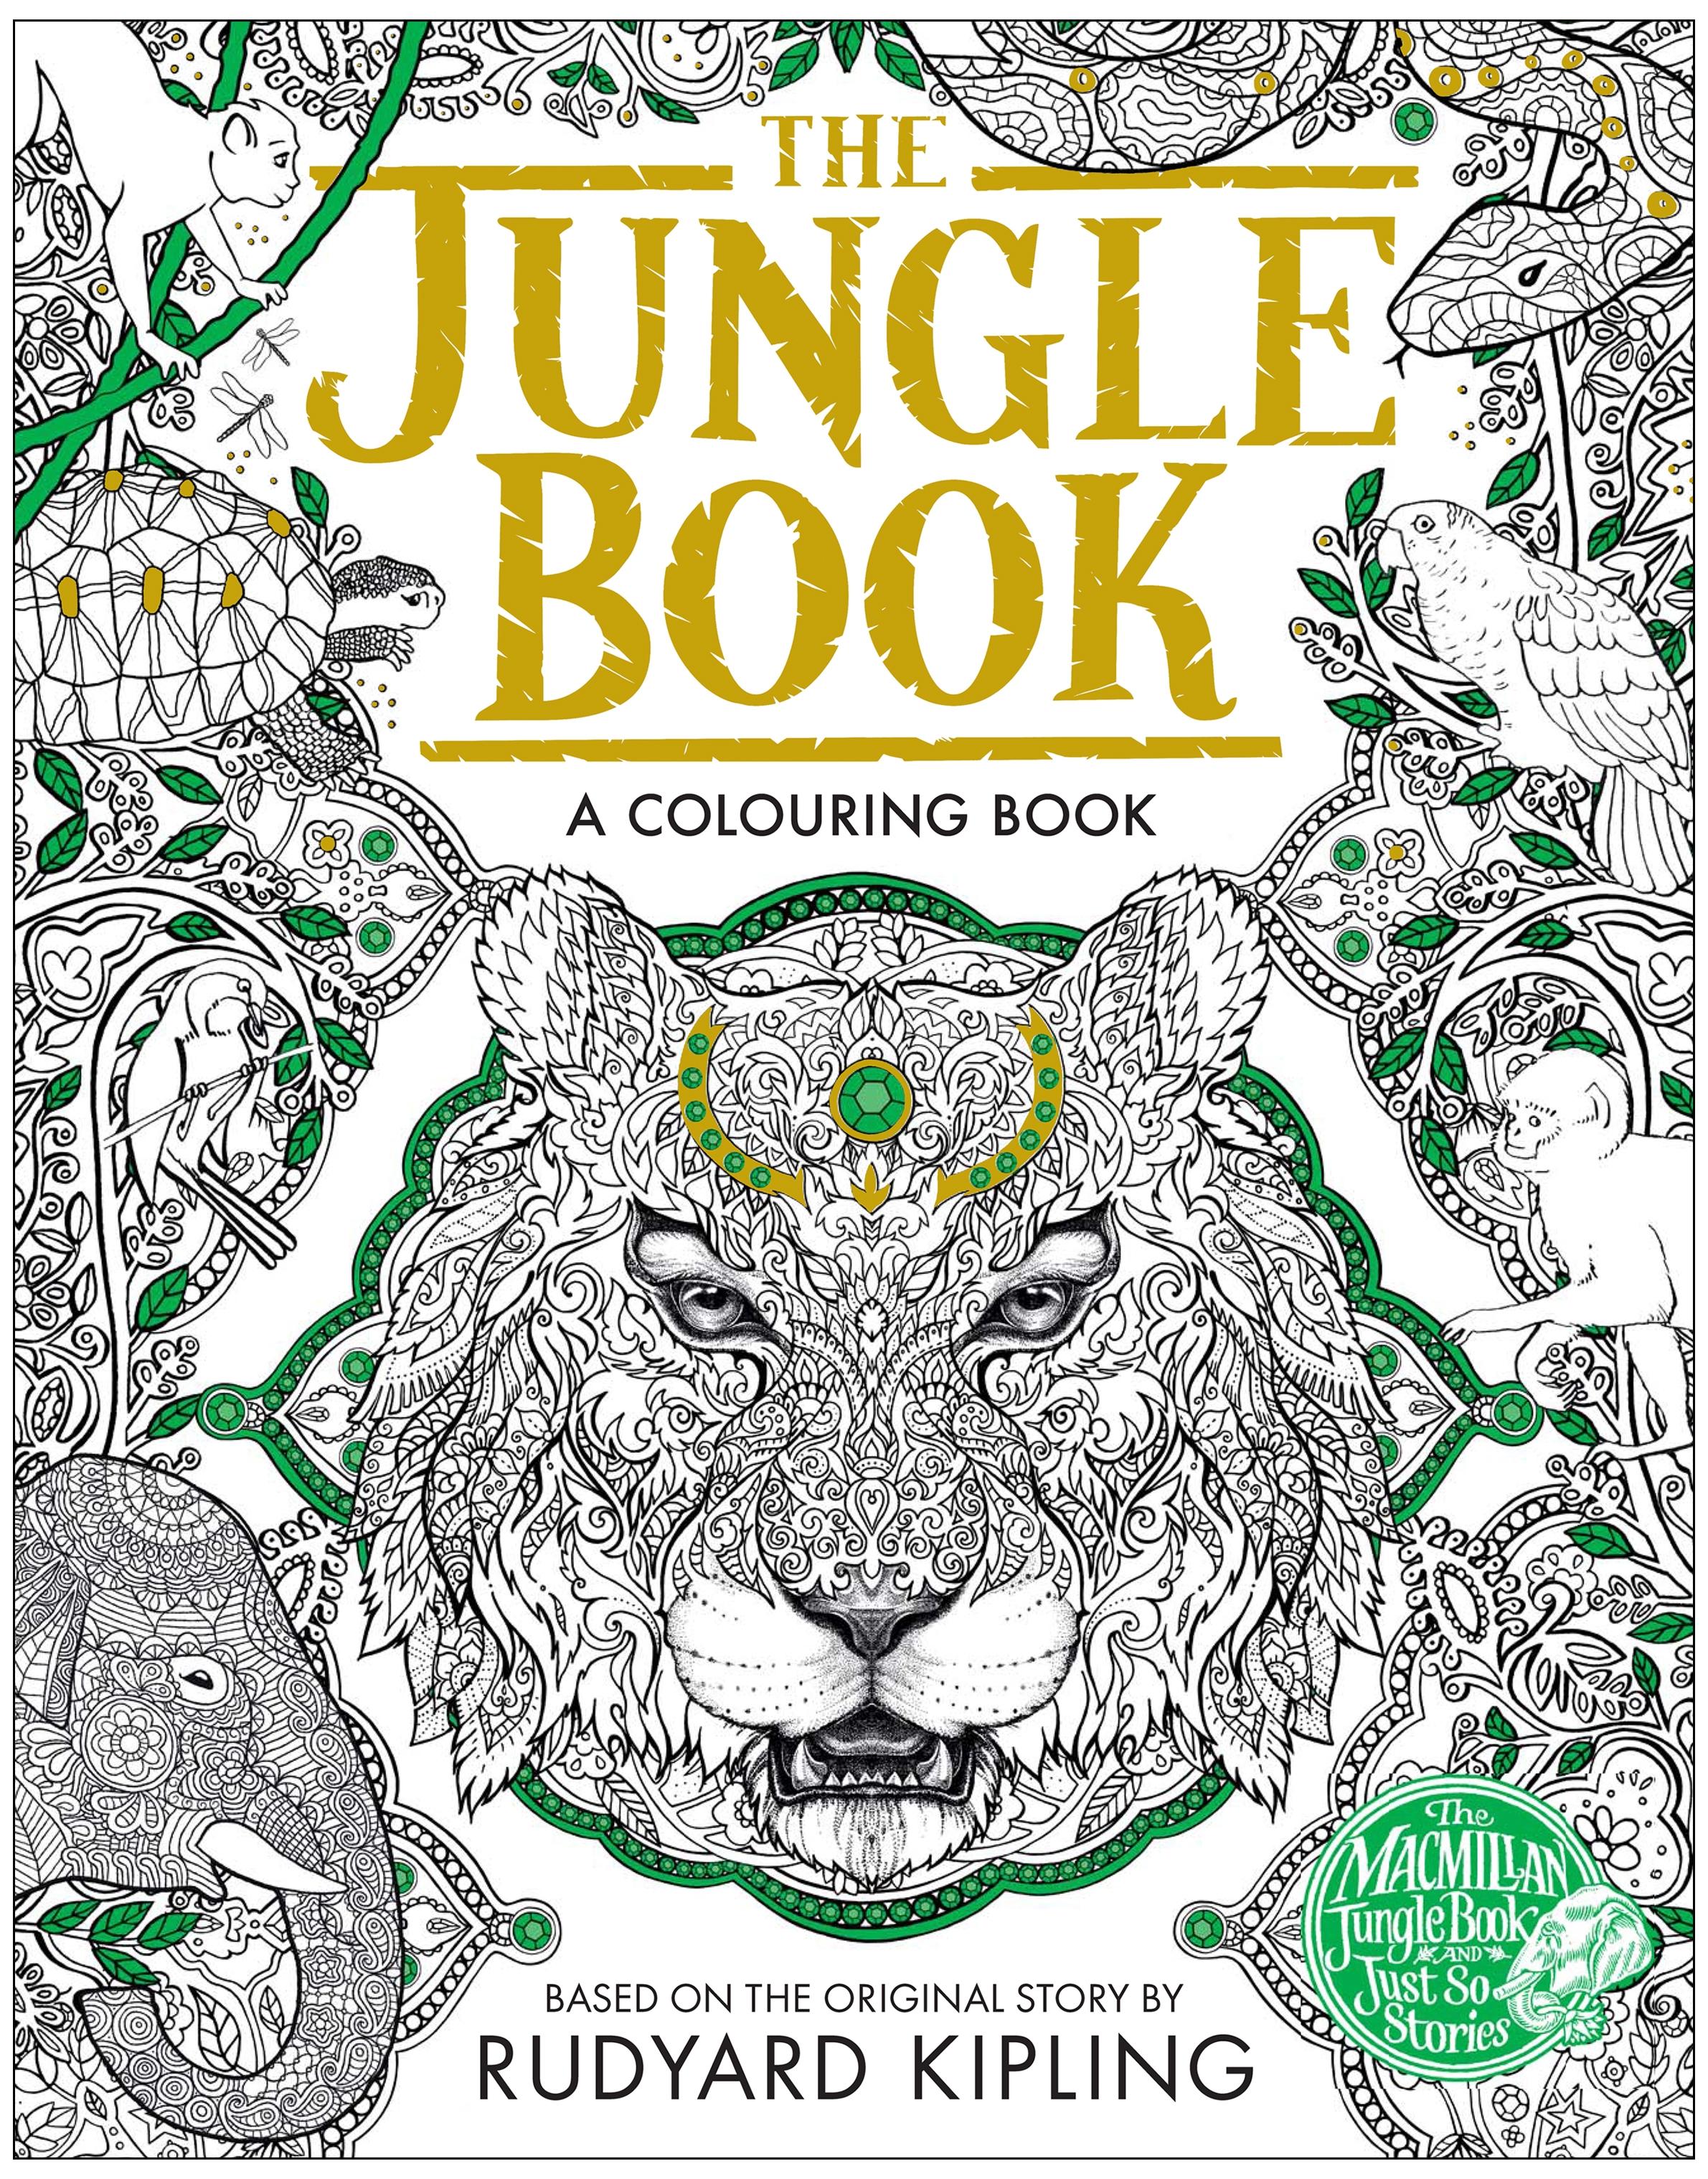 The Jungle Book Colouring